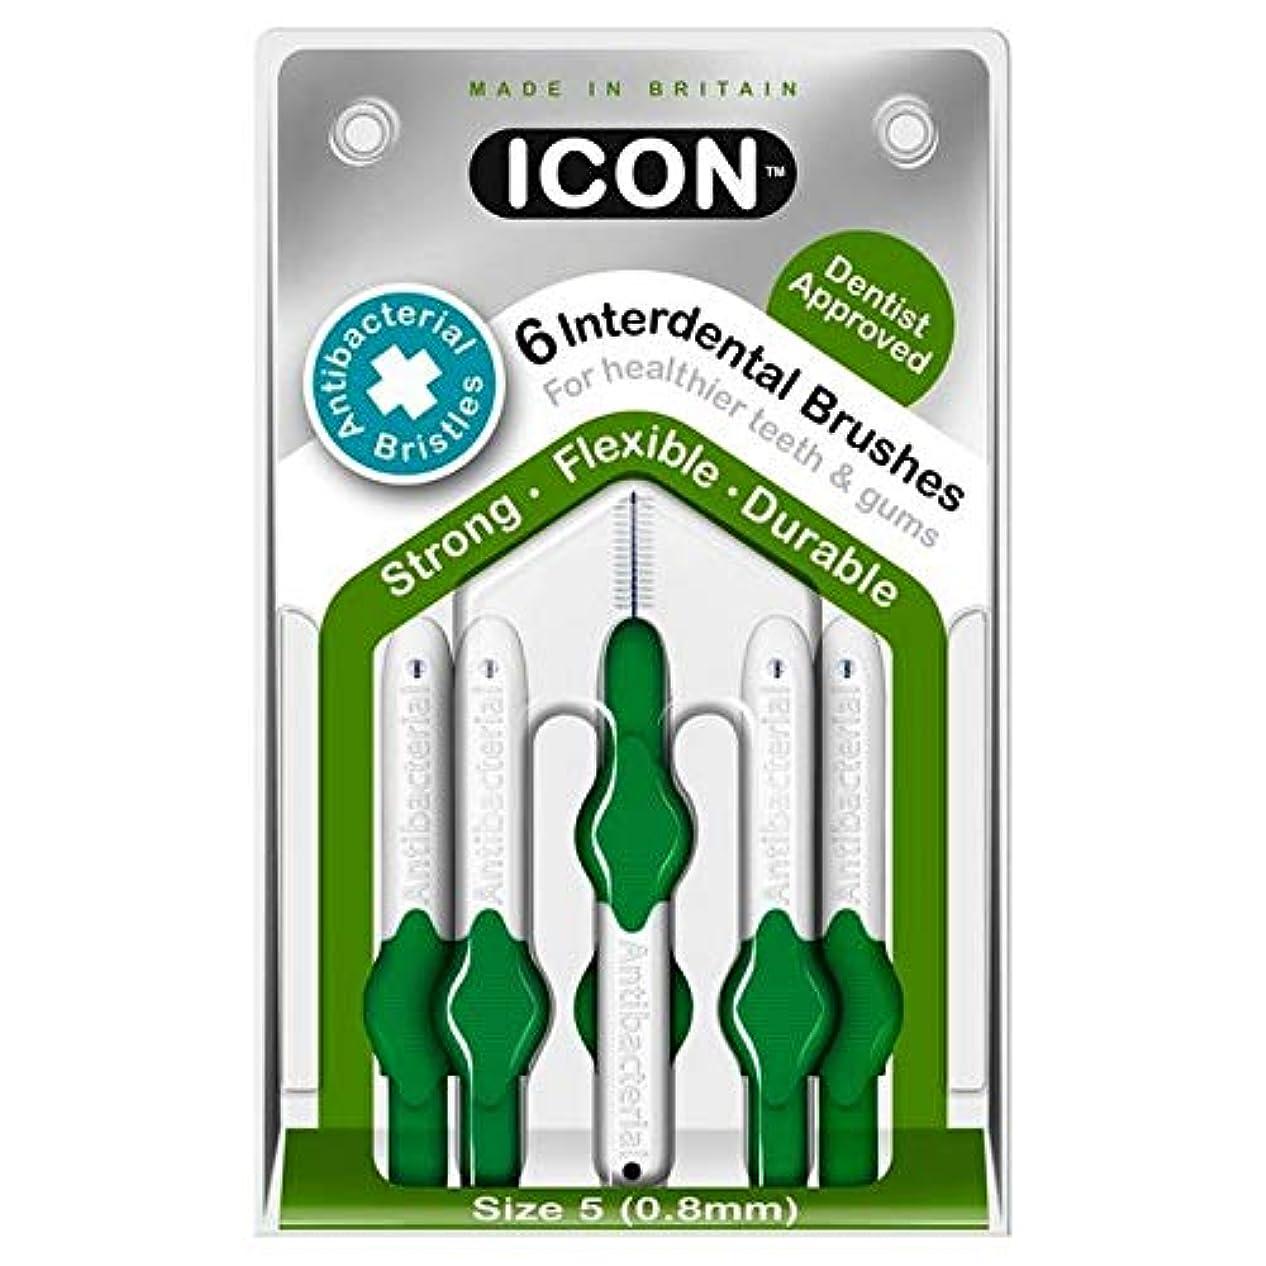 追う退化するピュー[Icon ] アイコンの歯間には、パックあたり0.8ミリメートル6ブラシ - Icon Interdental Brushes 0.8mm 6 per pack [並行輸入品]